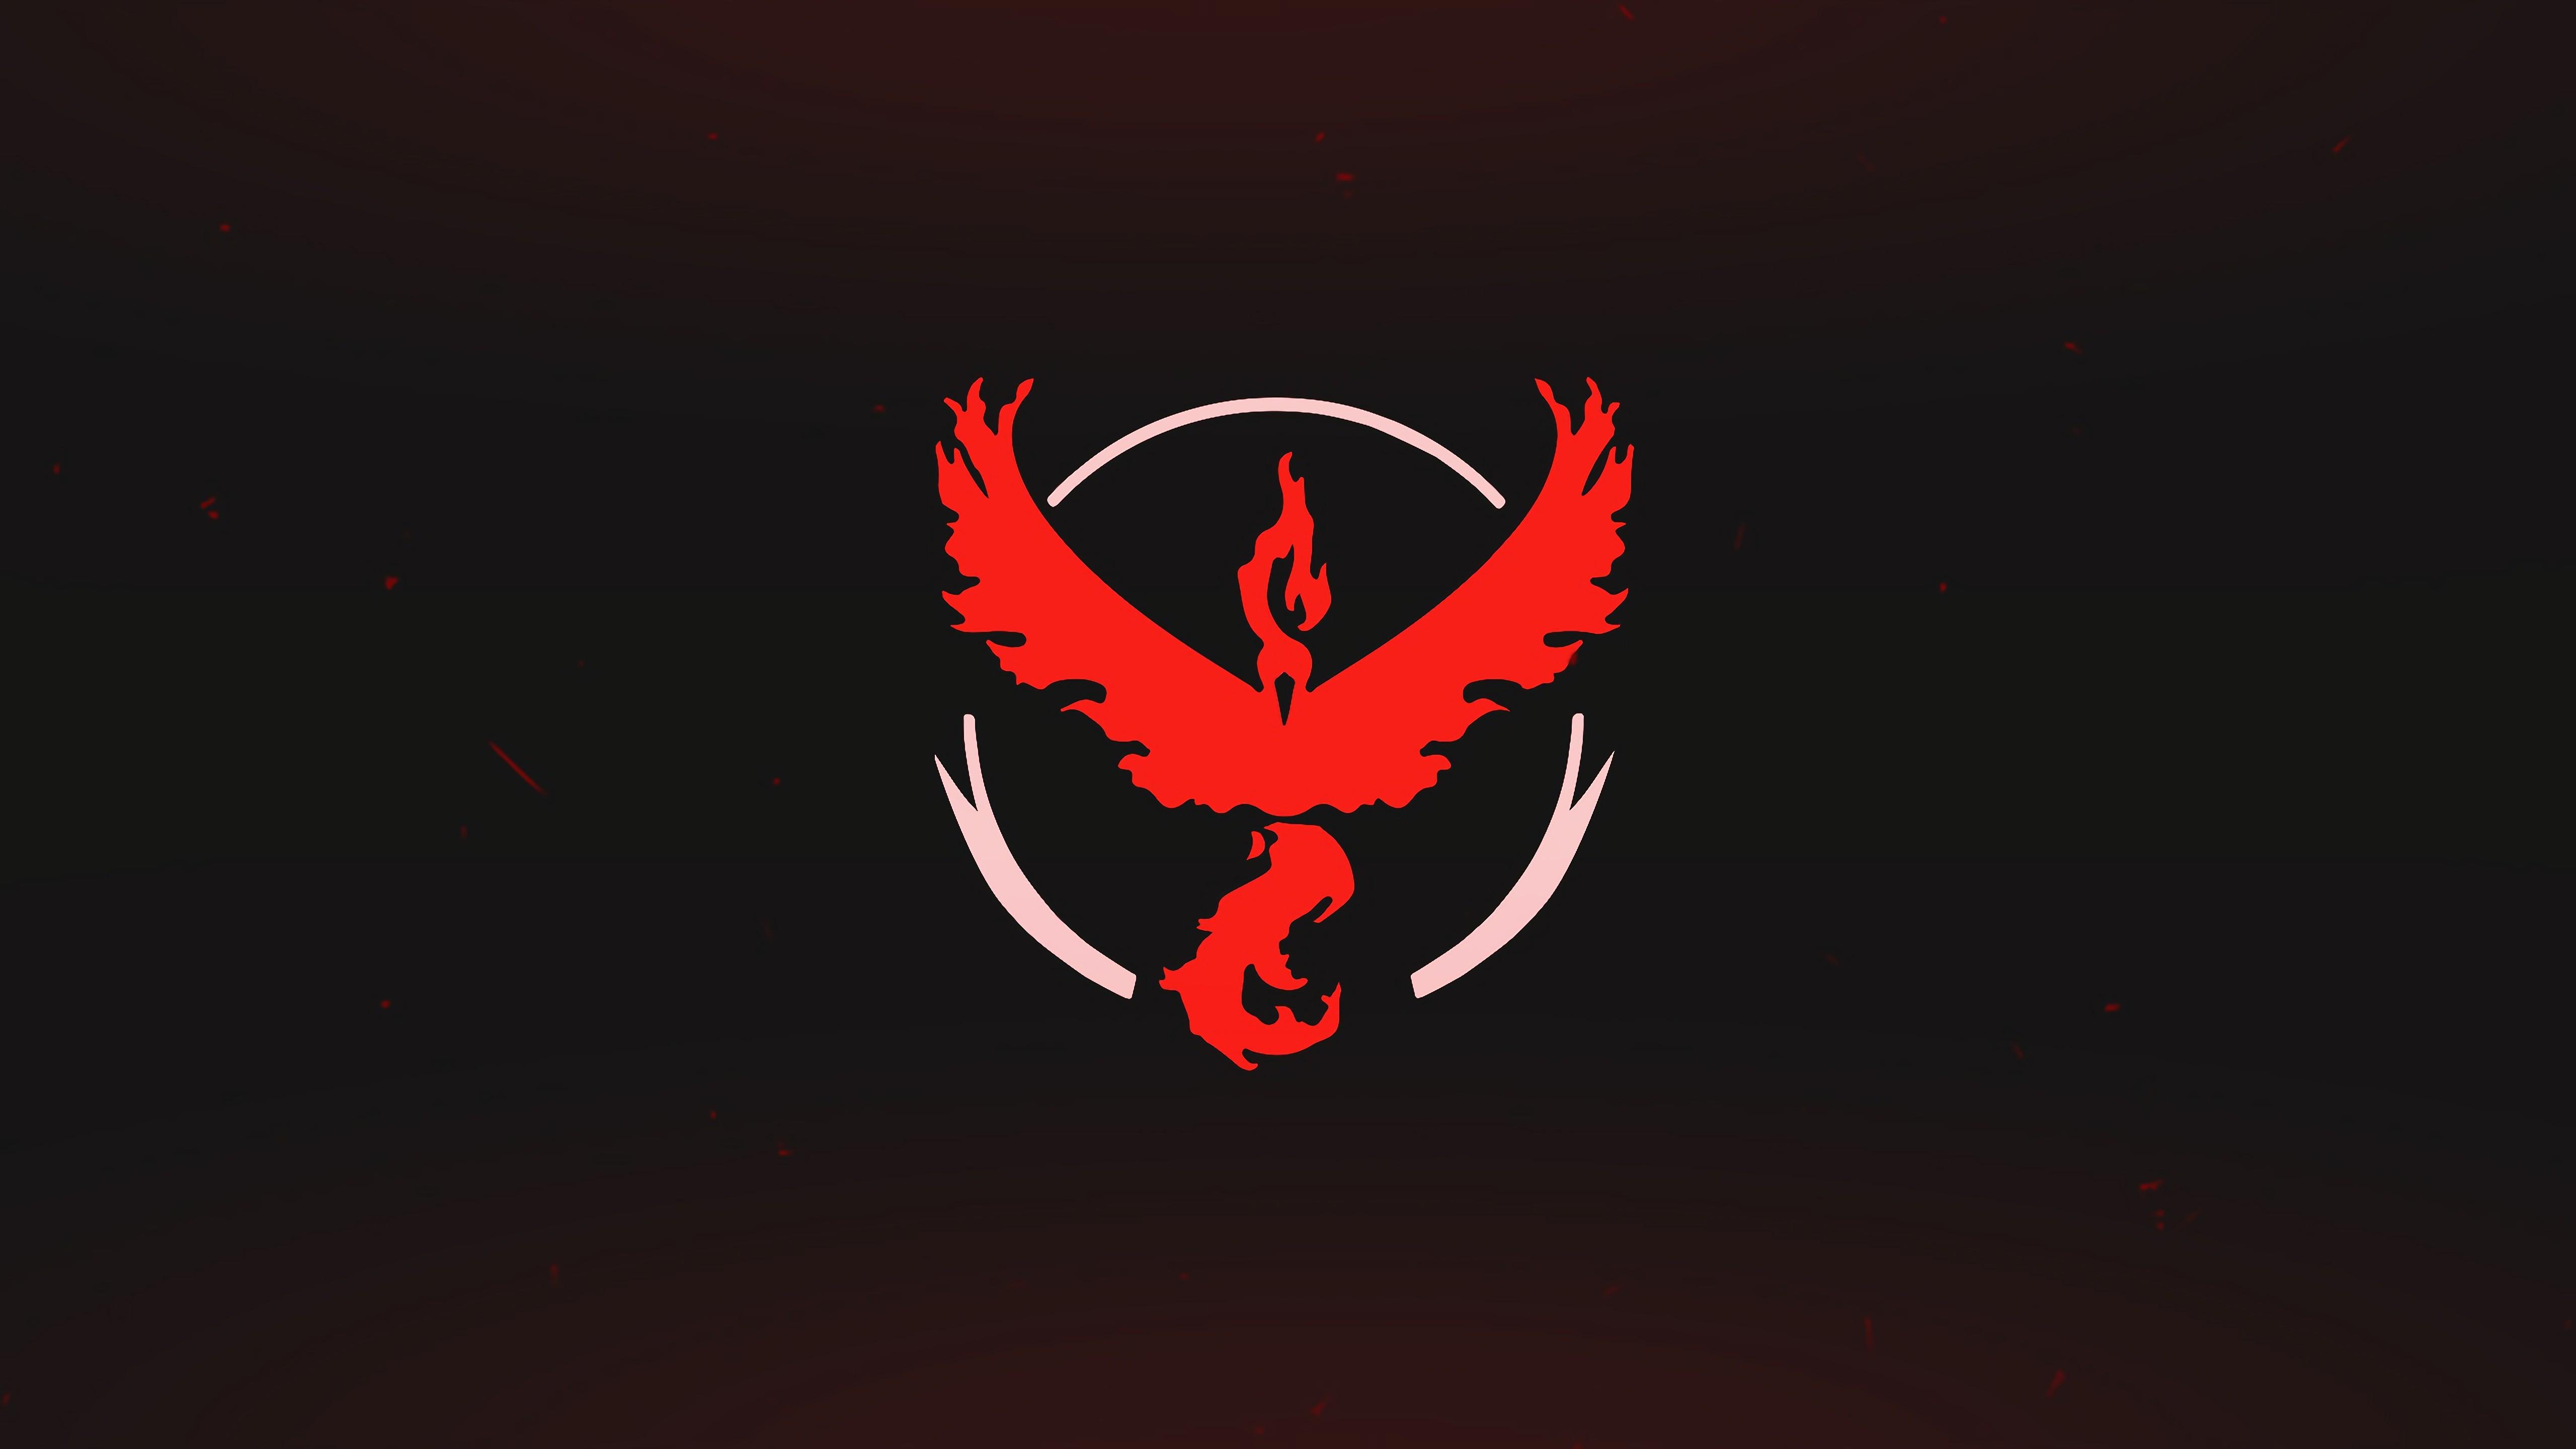 Wallpaper Pokemon Go, Logo, Red, Team, Valor, Mobile